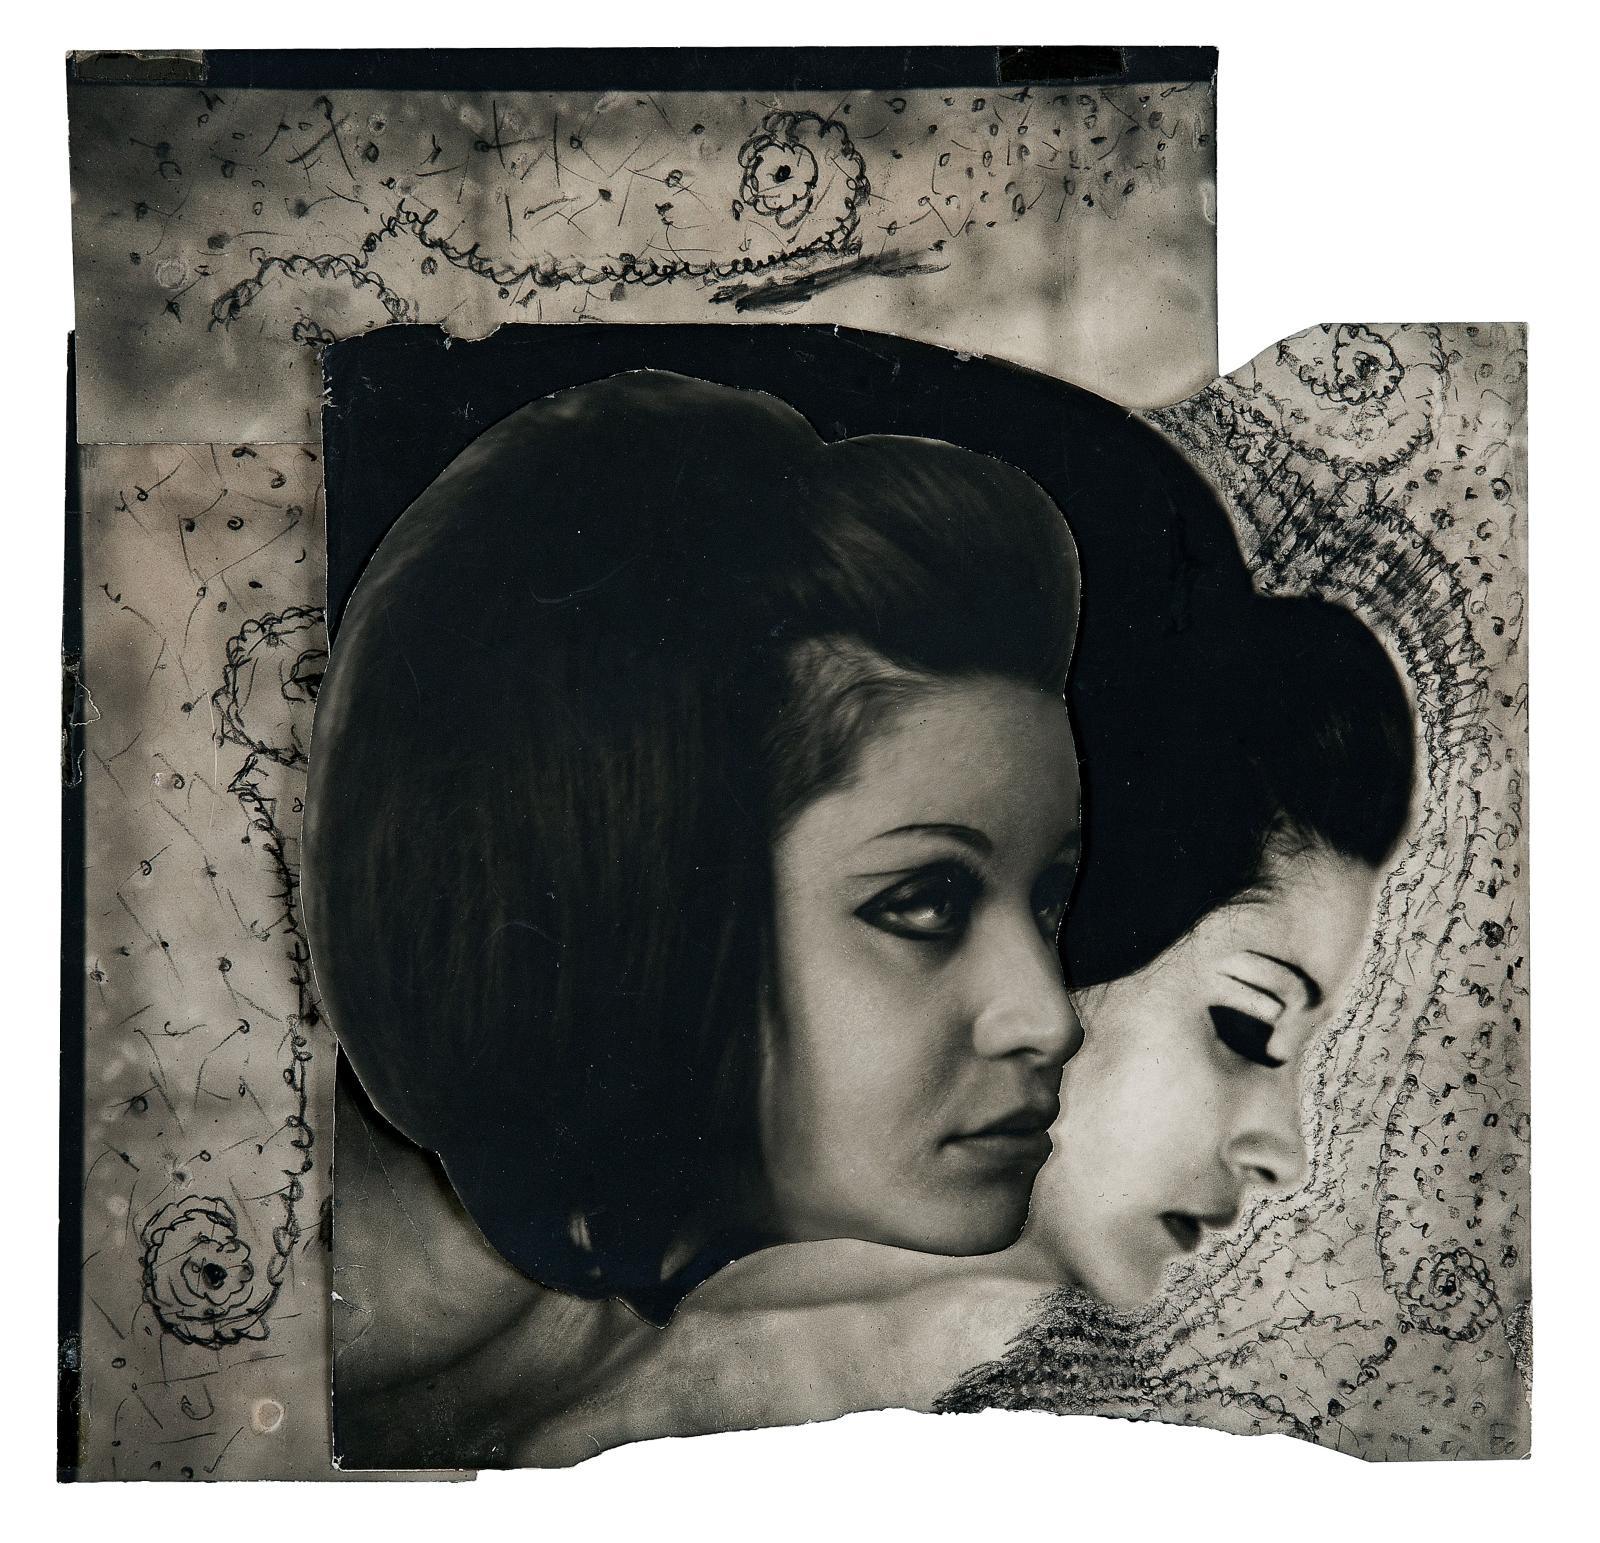 Les Hanel1- Collage original, 1969, collage pour la planche33 du Chaman et ses créatures, 25,5x18cm (détail). Estimation: 10000/15000€